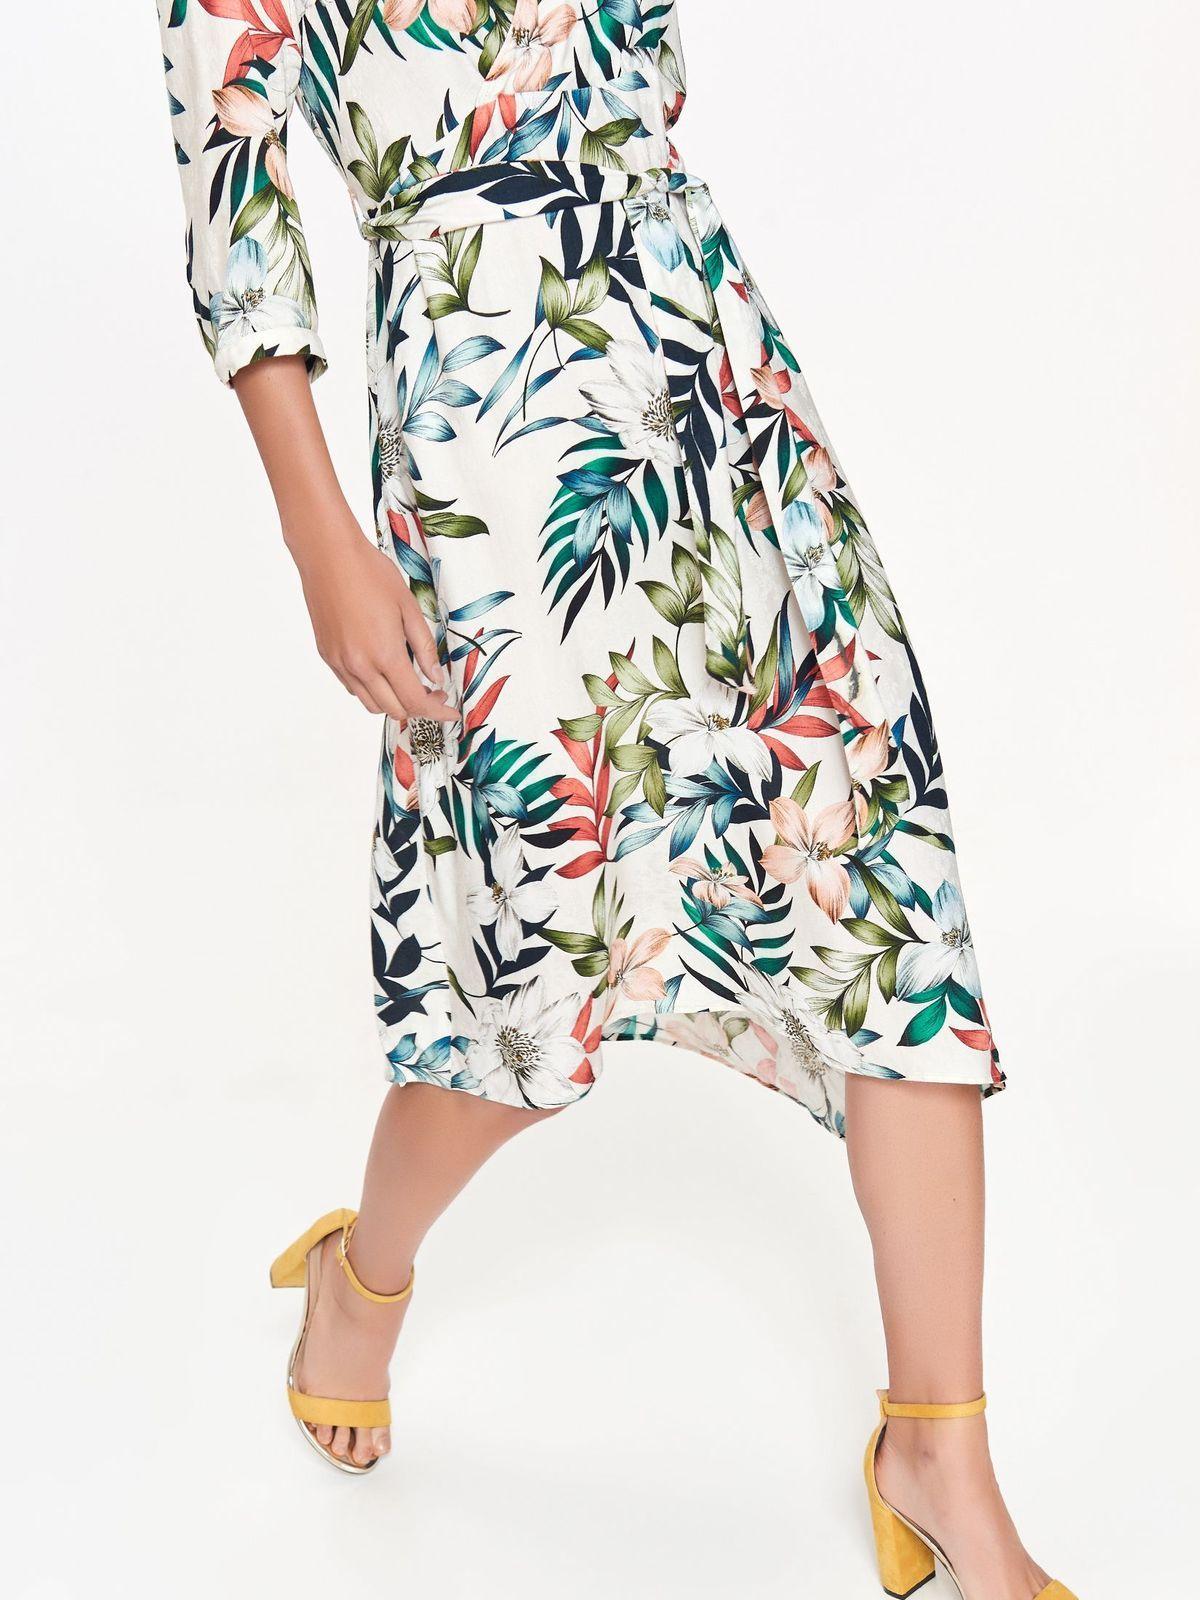 Sukienka Damska Biala Ssu2447 Sukienka Top Secret Odziezowy Sklep Internetowy Top Secret Fashion Floral Skirt Skirts